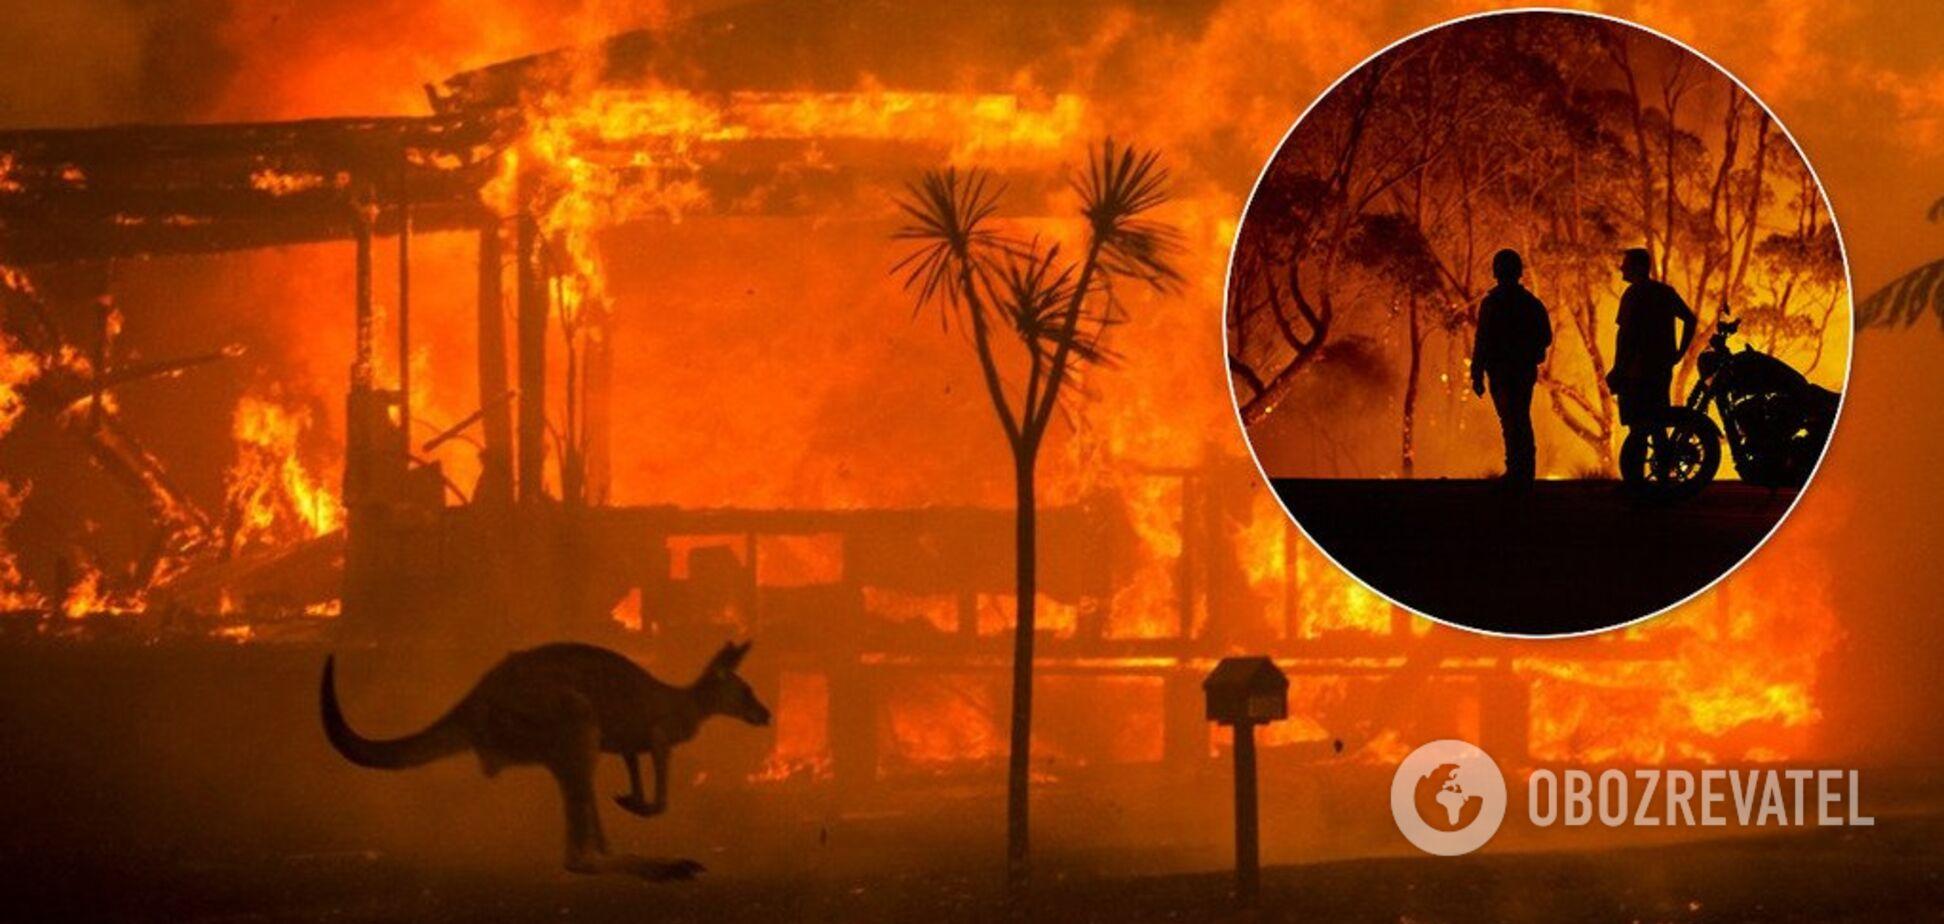 Пожежі в Австралії замкнулися в зачароване коло